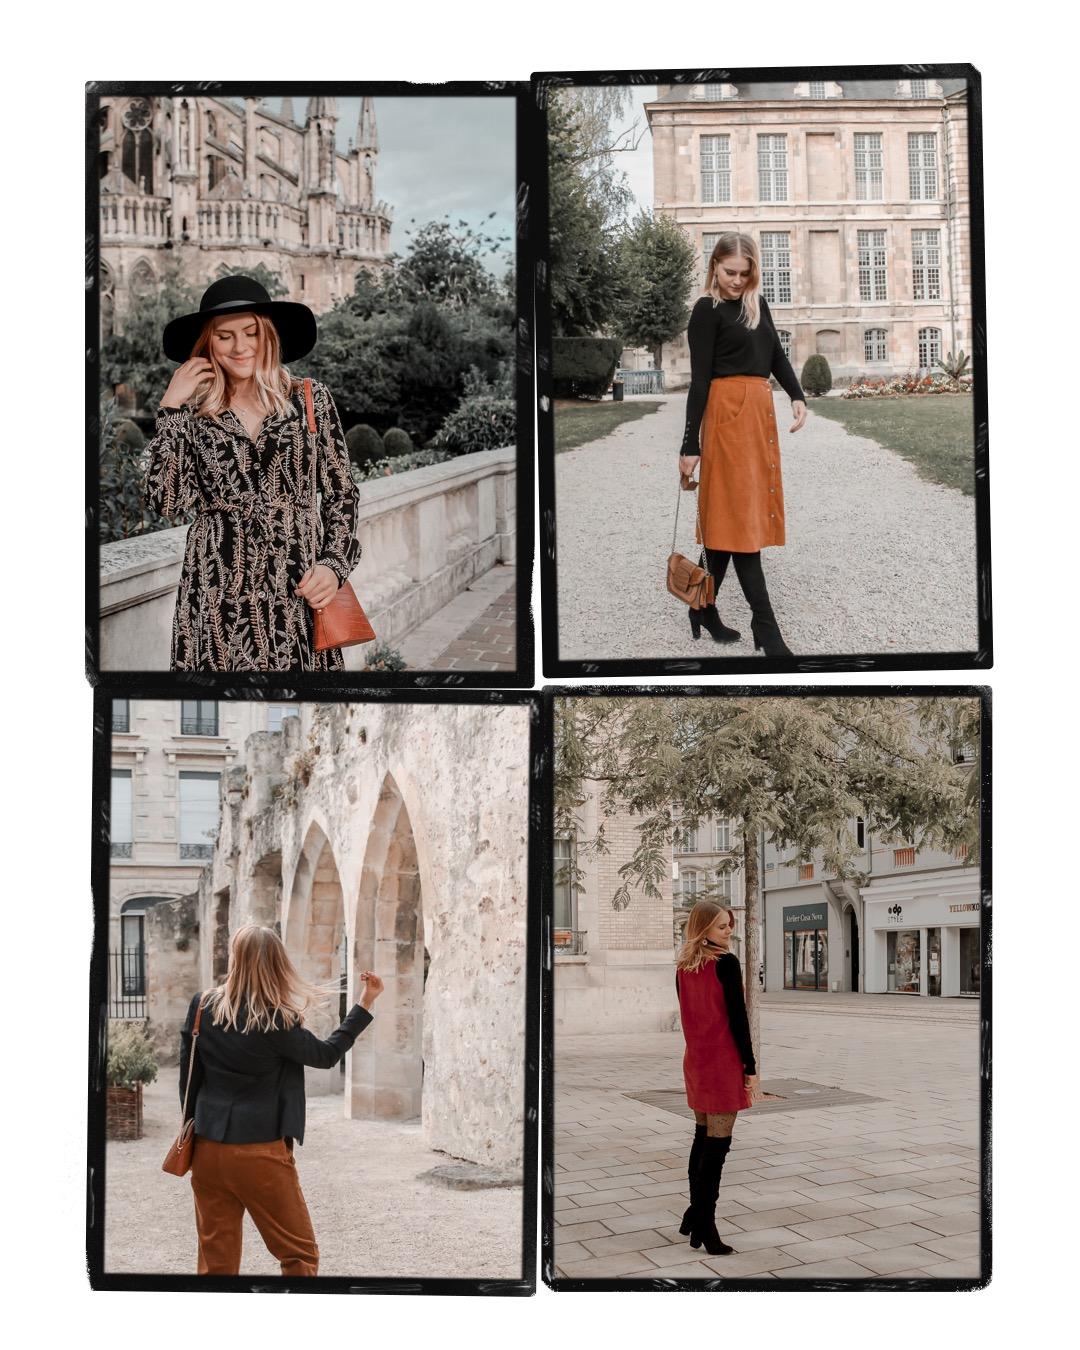 Avis Le Closet louer ses vetements dressin infini et eco-responsable - Blog Mangue Poudrée - Blog mode et lifestyle à reims influenceuse - 01